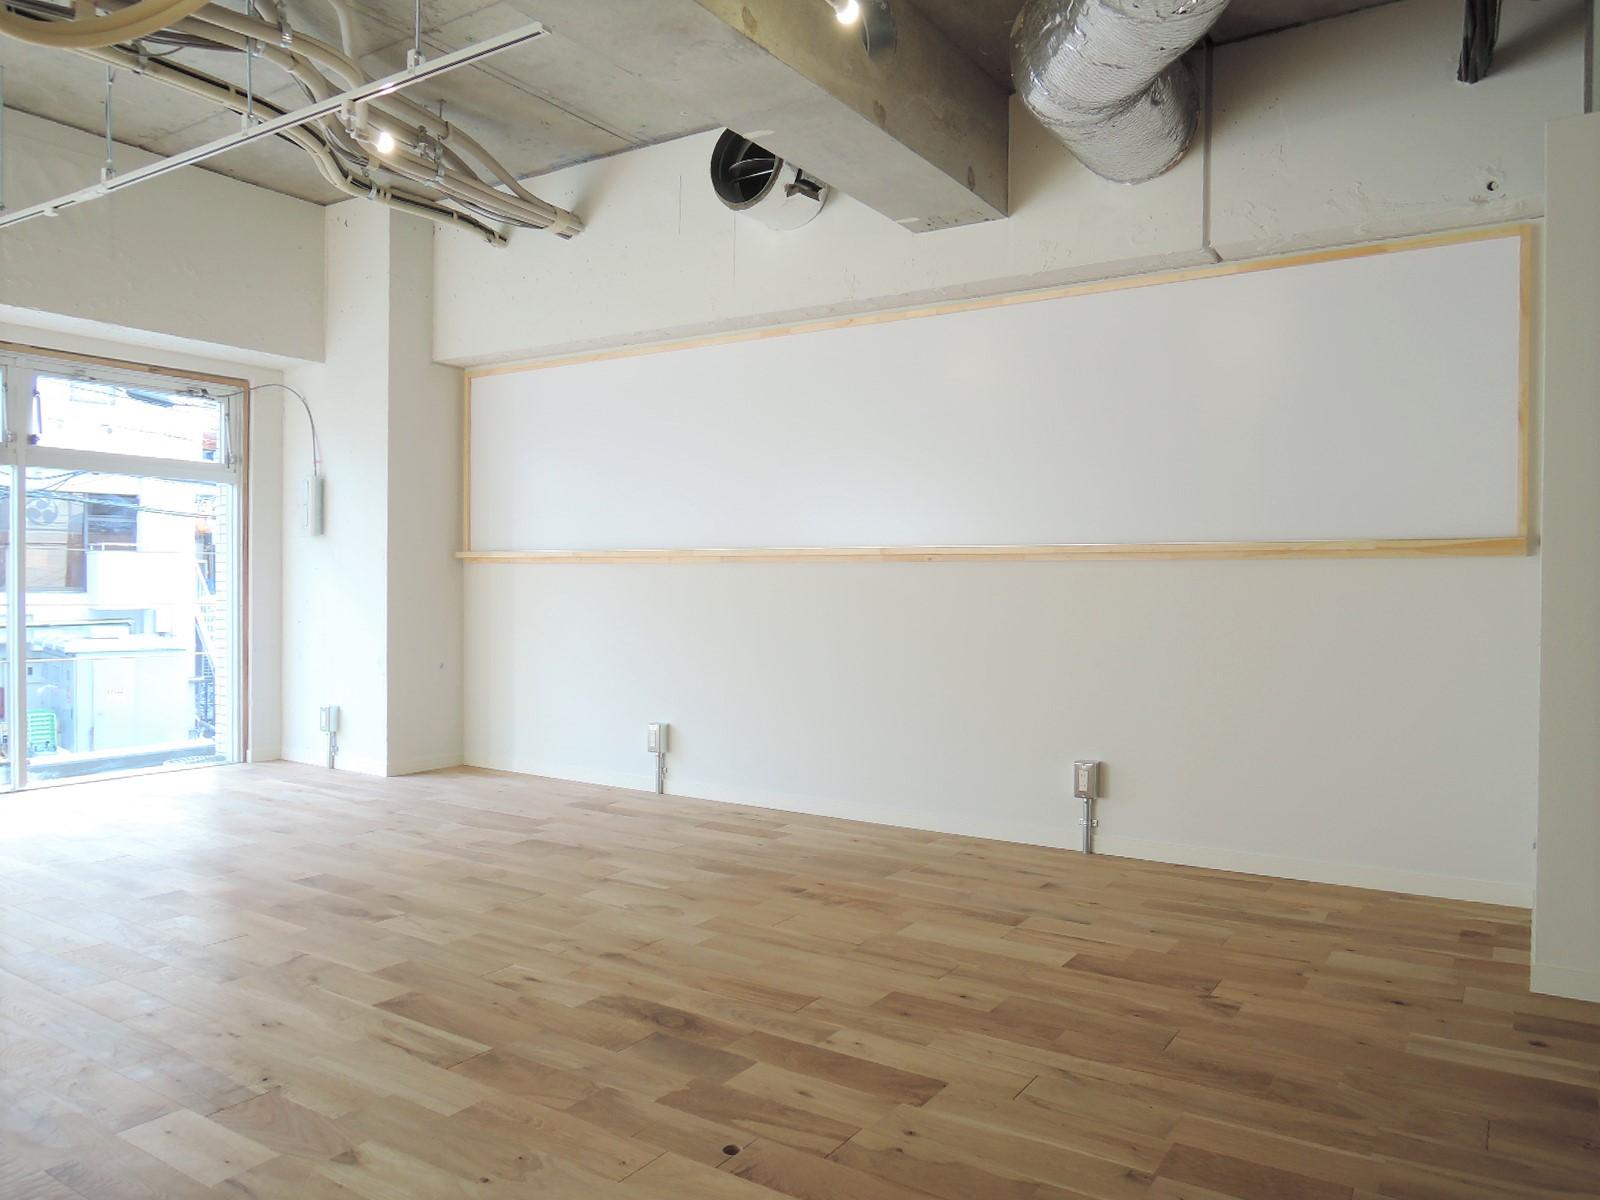 【デザイナーズ】駒沢大学、約17坪。希少。 スケルトン天井にナチュラルな内装をプラス